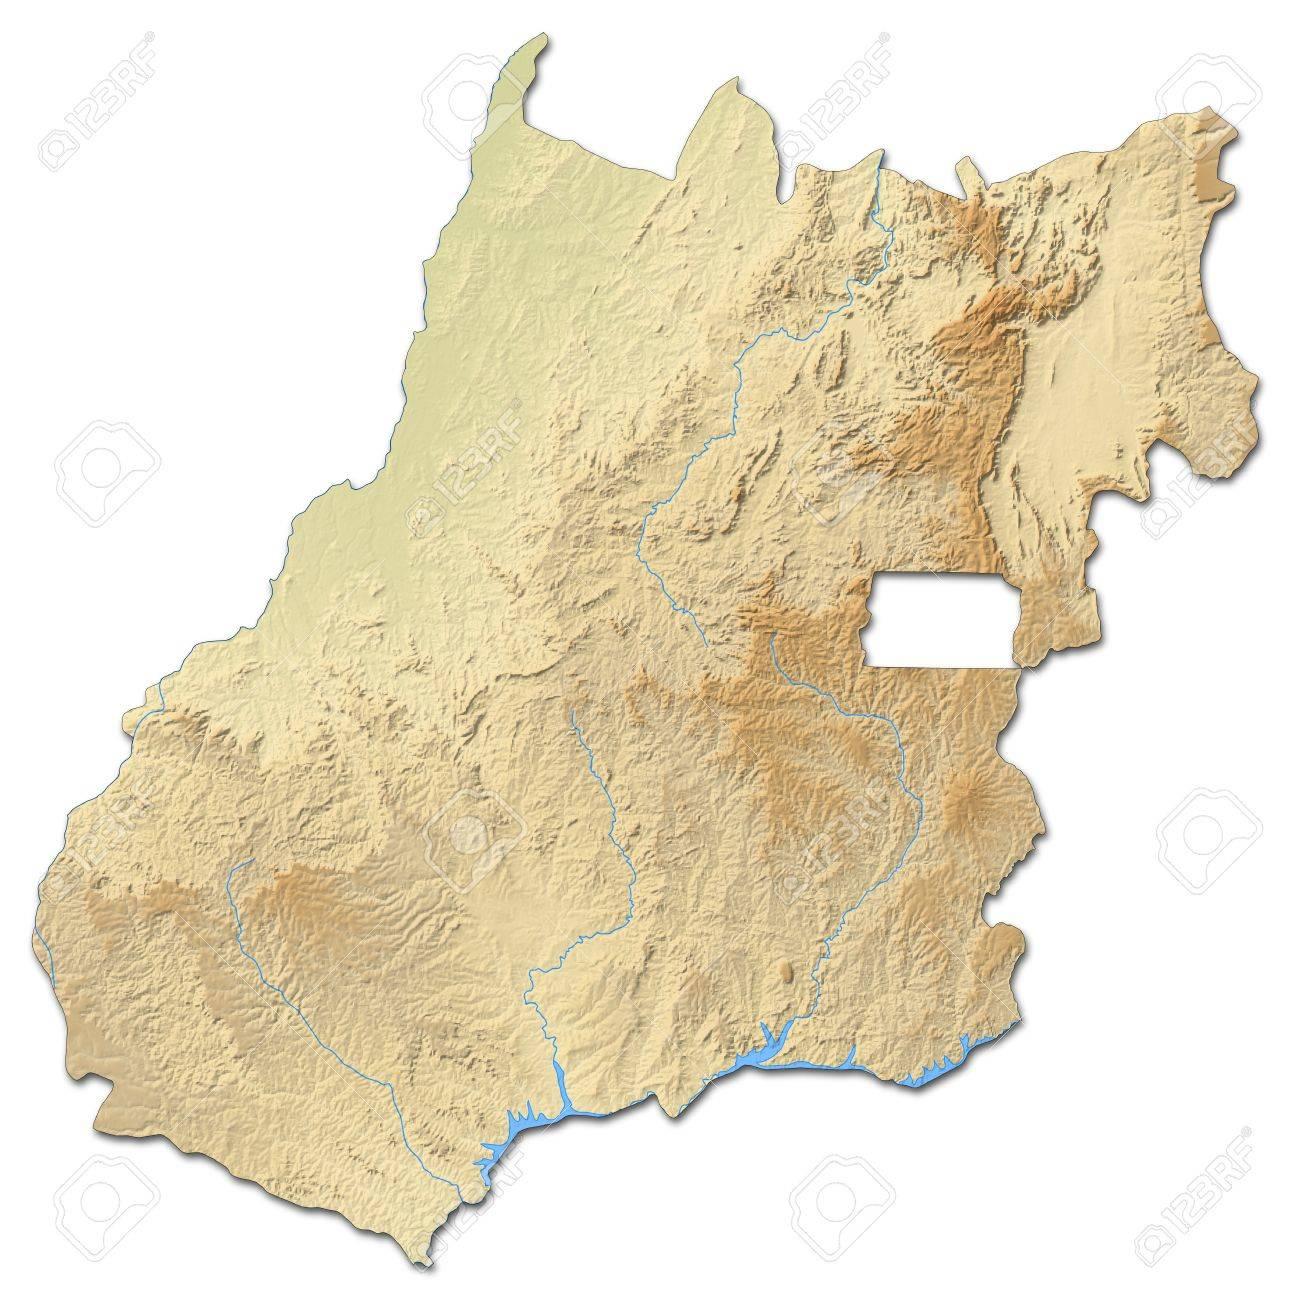 Carte Bresil Relief.Carte Du Relief De Goi S Une Province Du Bresil Avec Relief Ombre